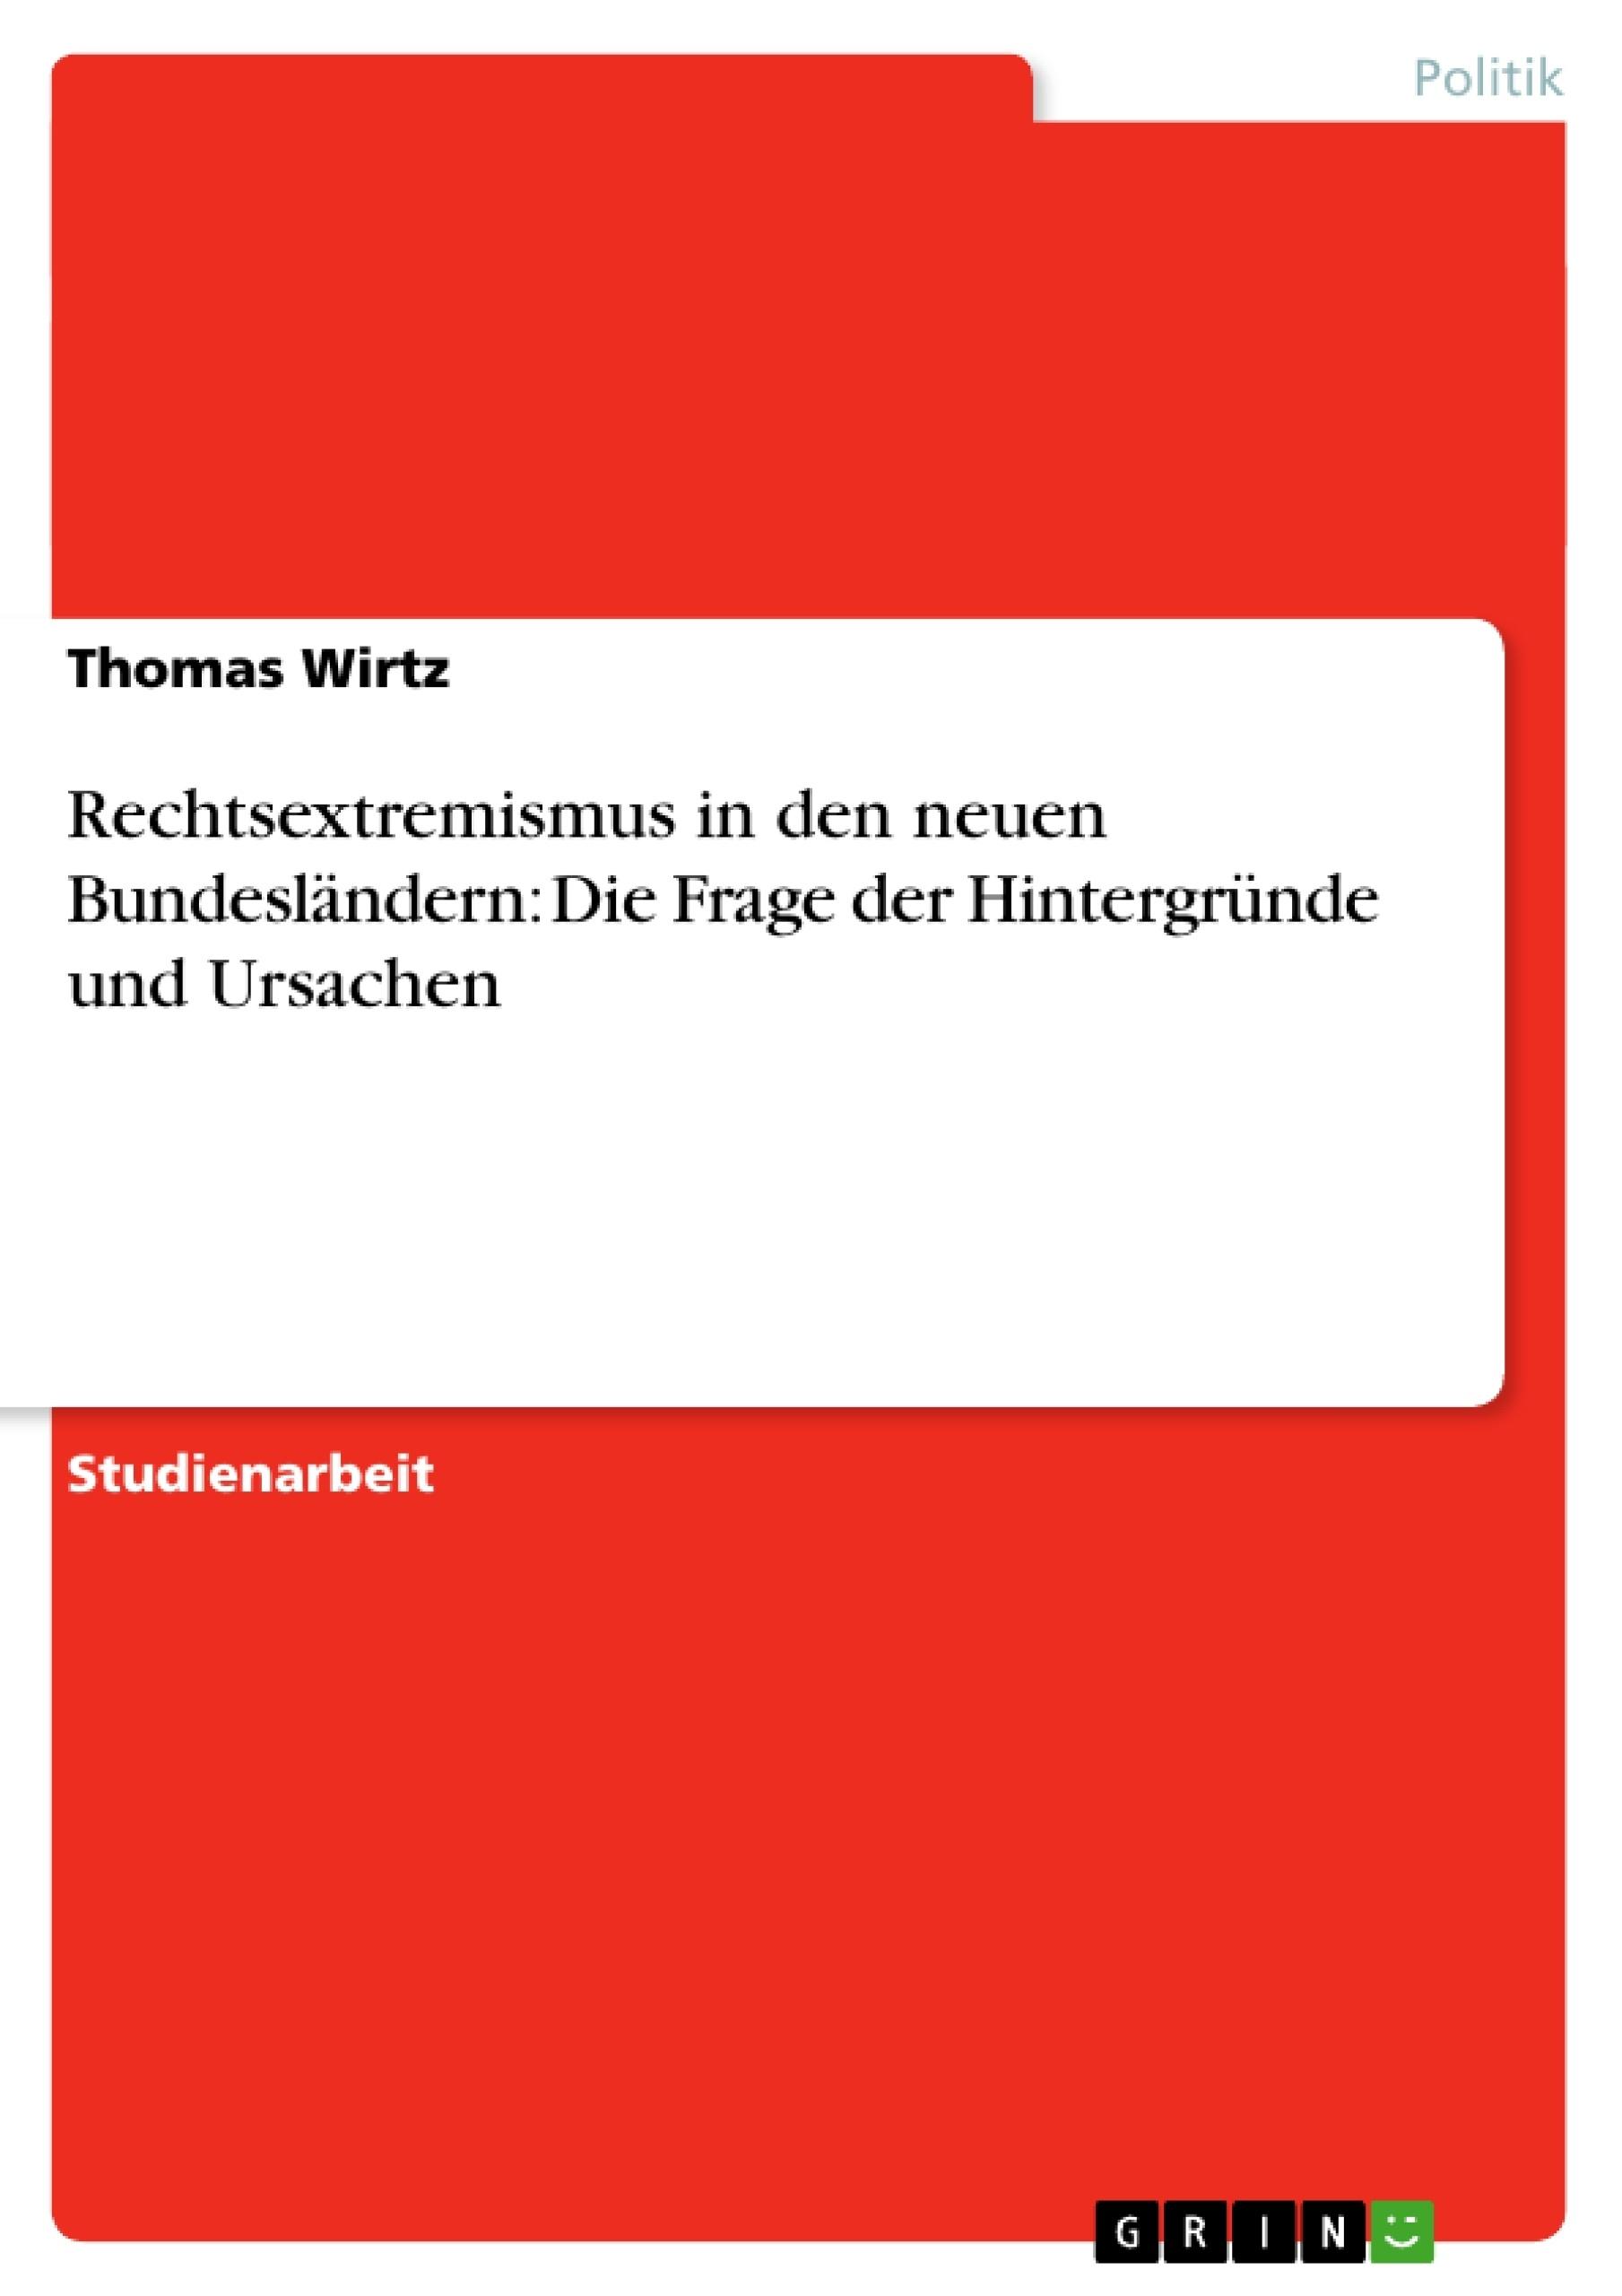 Titel: Rechtsextremismus in den neuen Bundesländern: Die Frage der Hintergründe und Ursachen